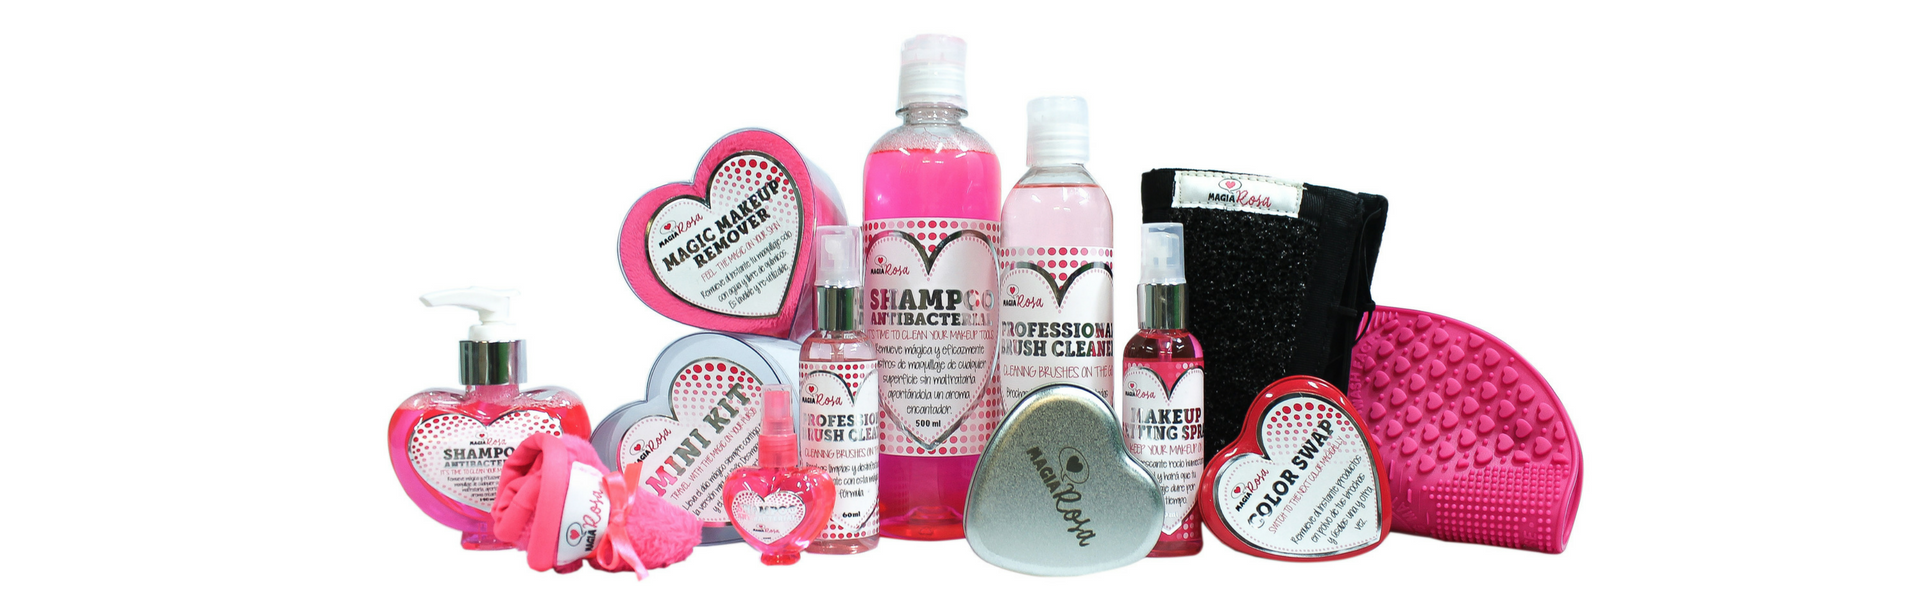 portada productos magia rosa